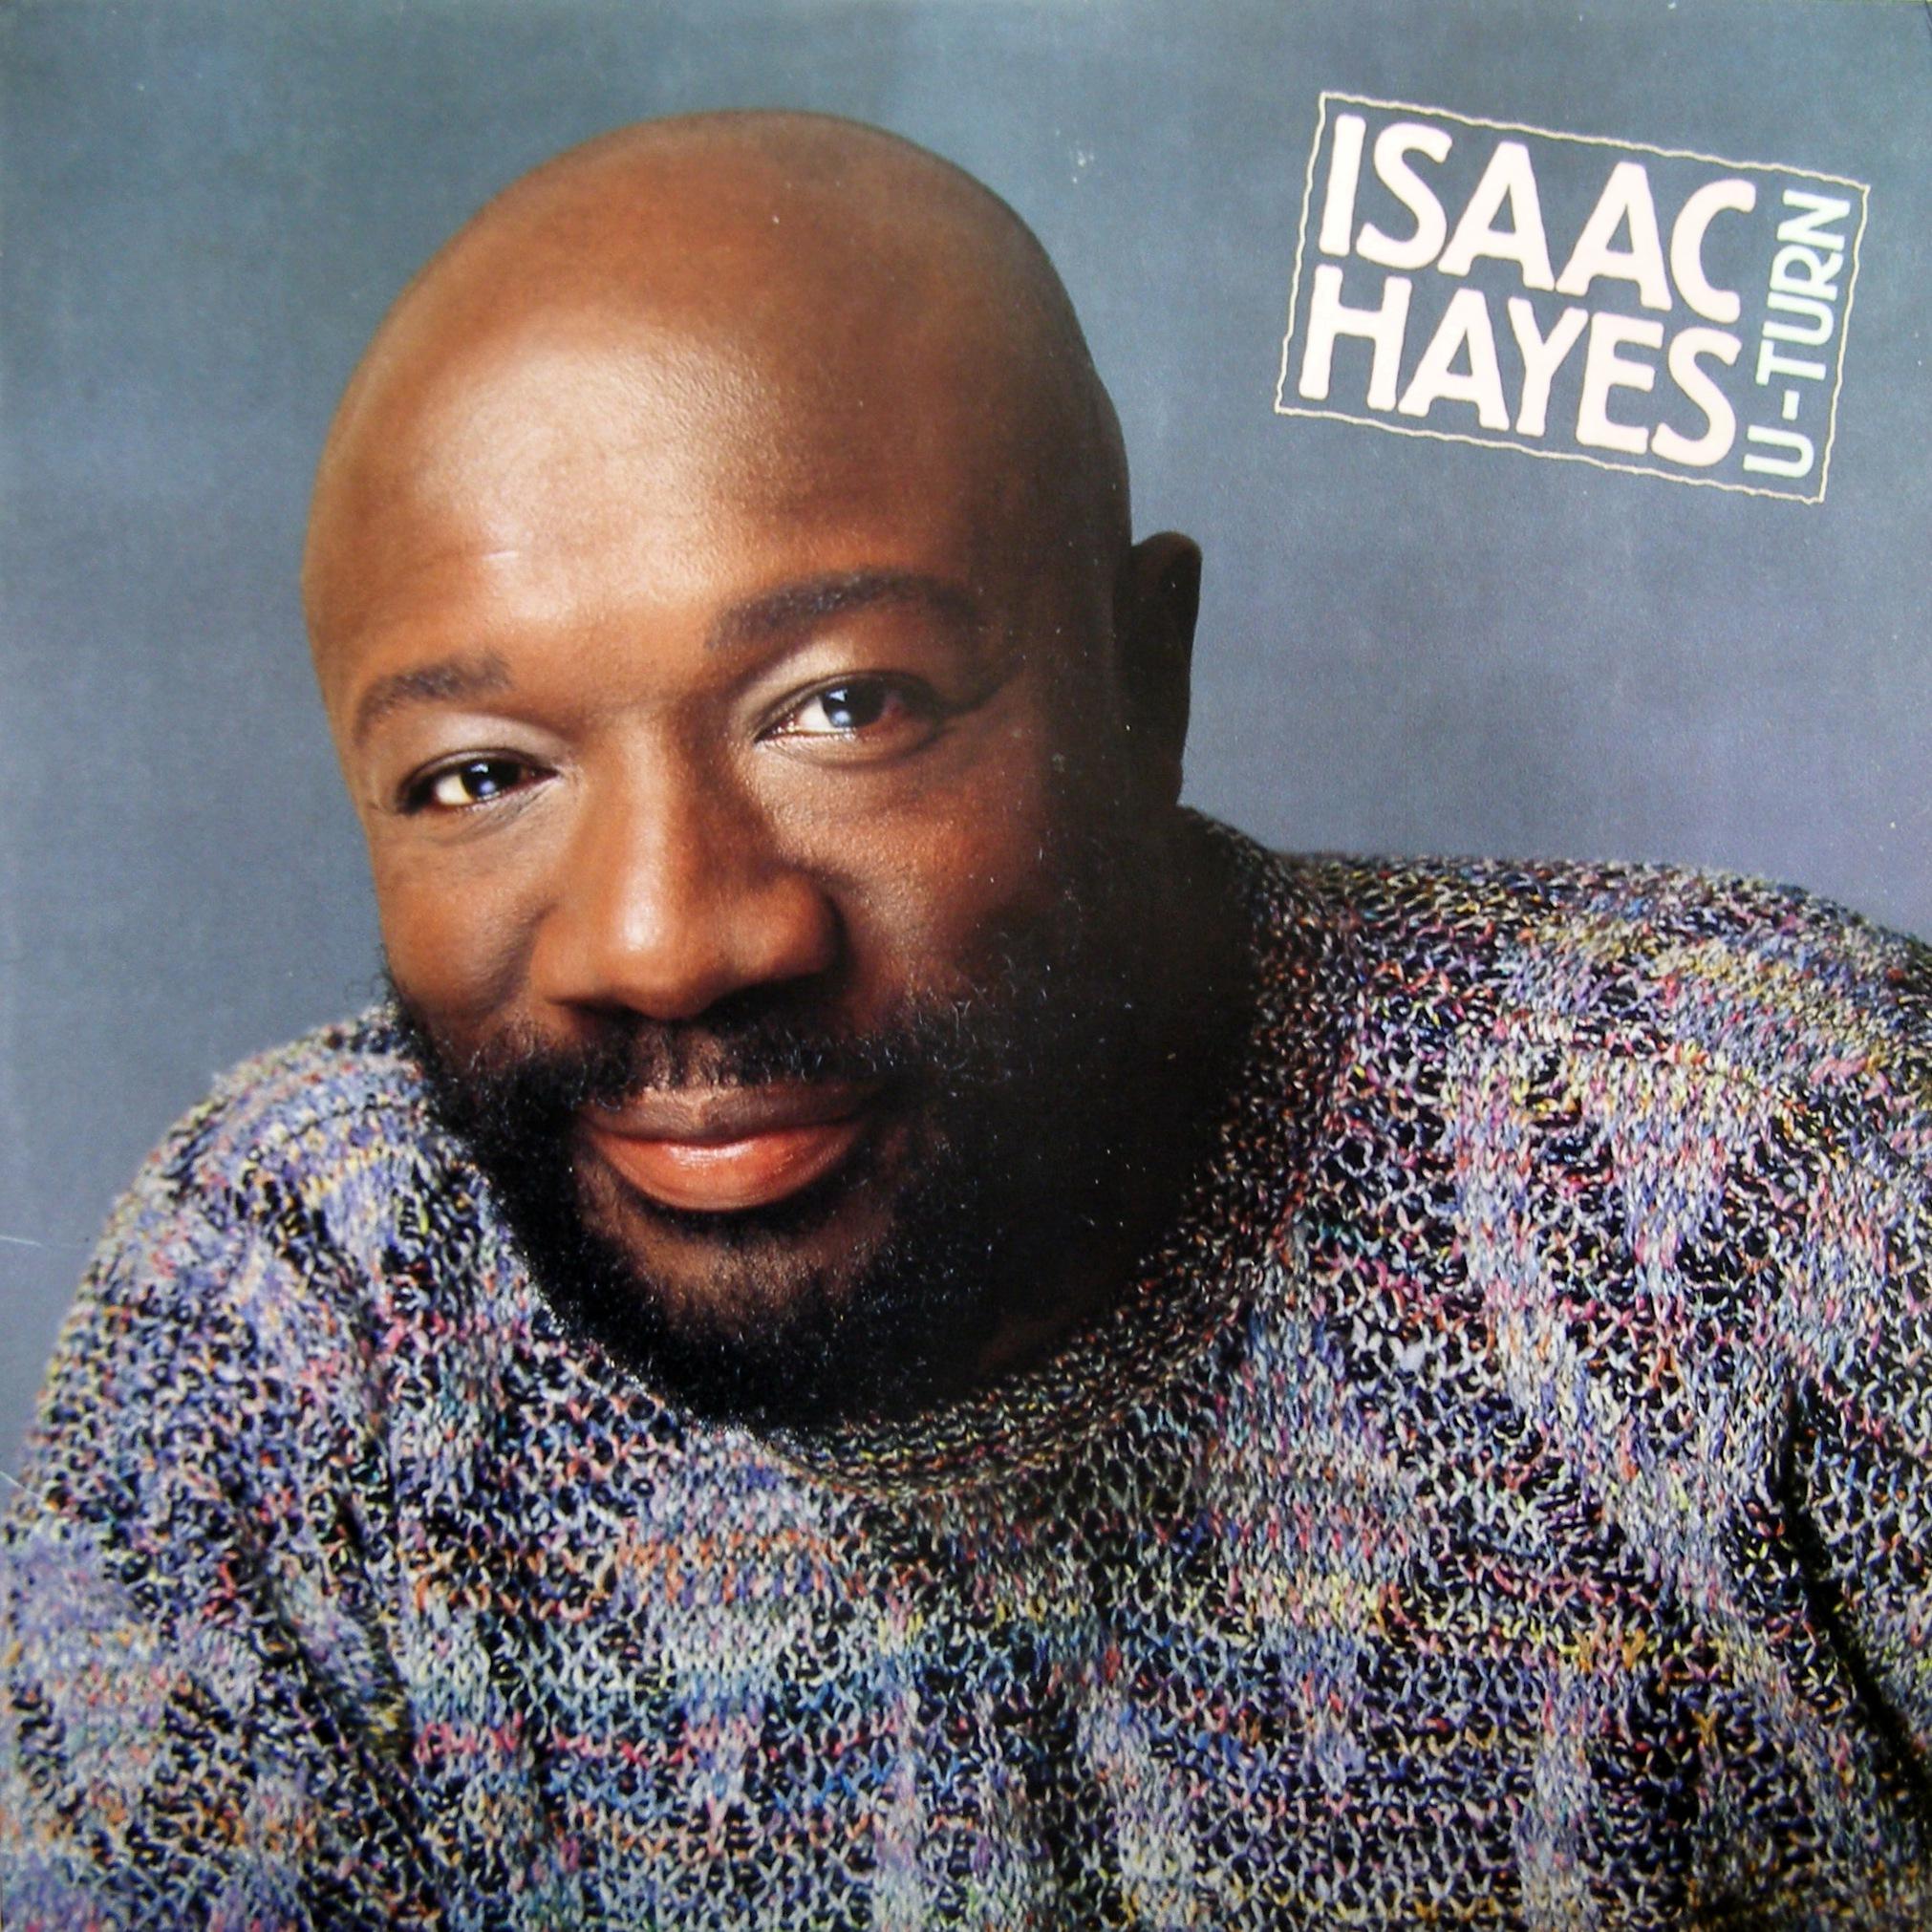 Isaac Hayes – zpěvák, skladatel, hudebník a člen scientologické církve – Scientologie umělci